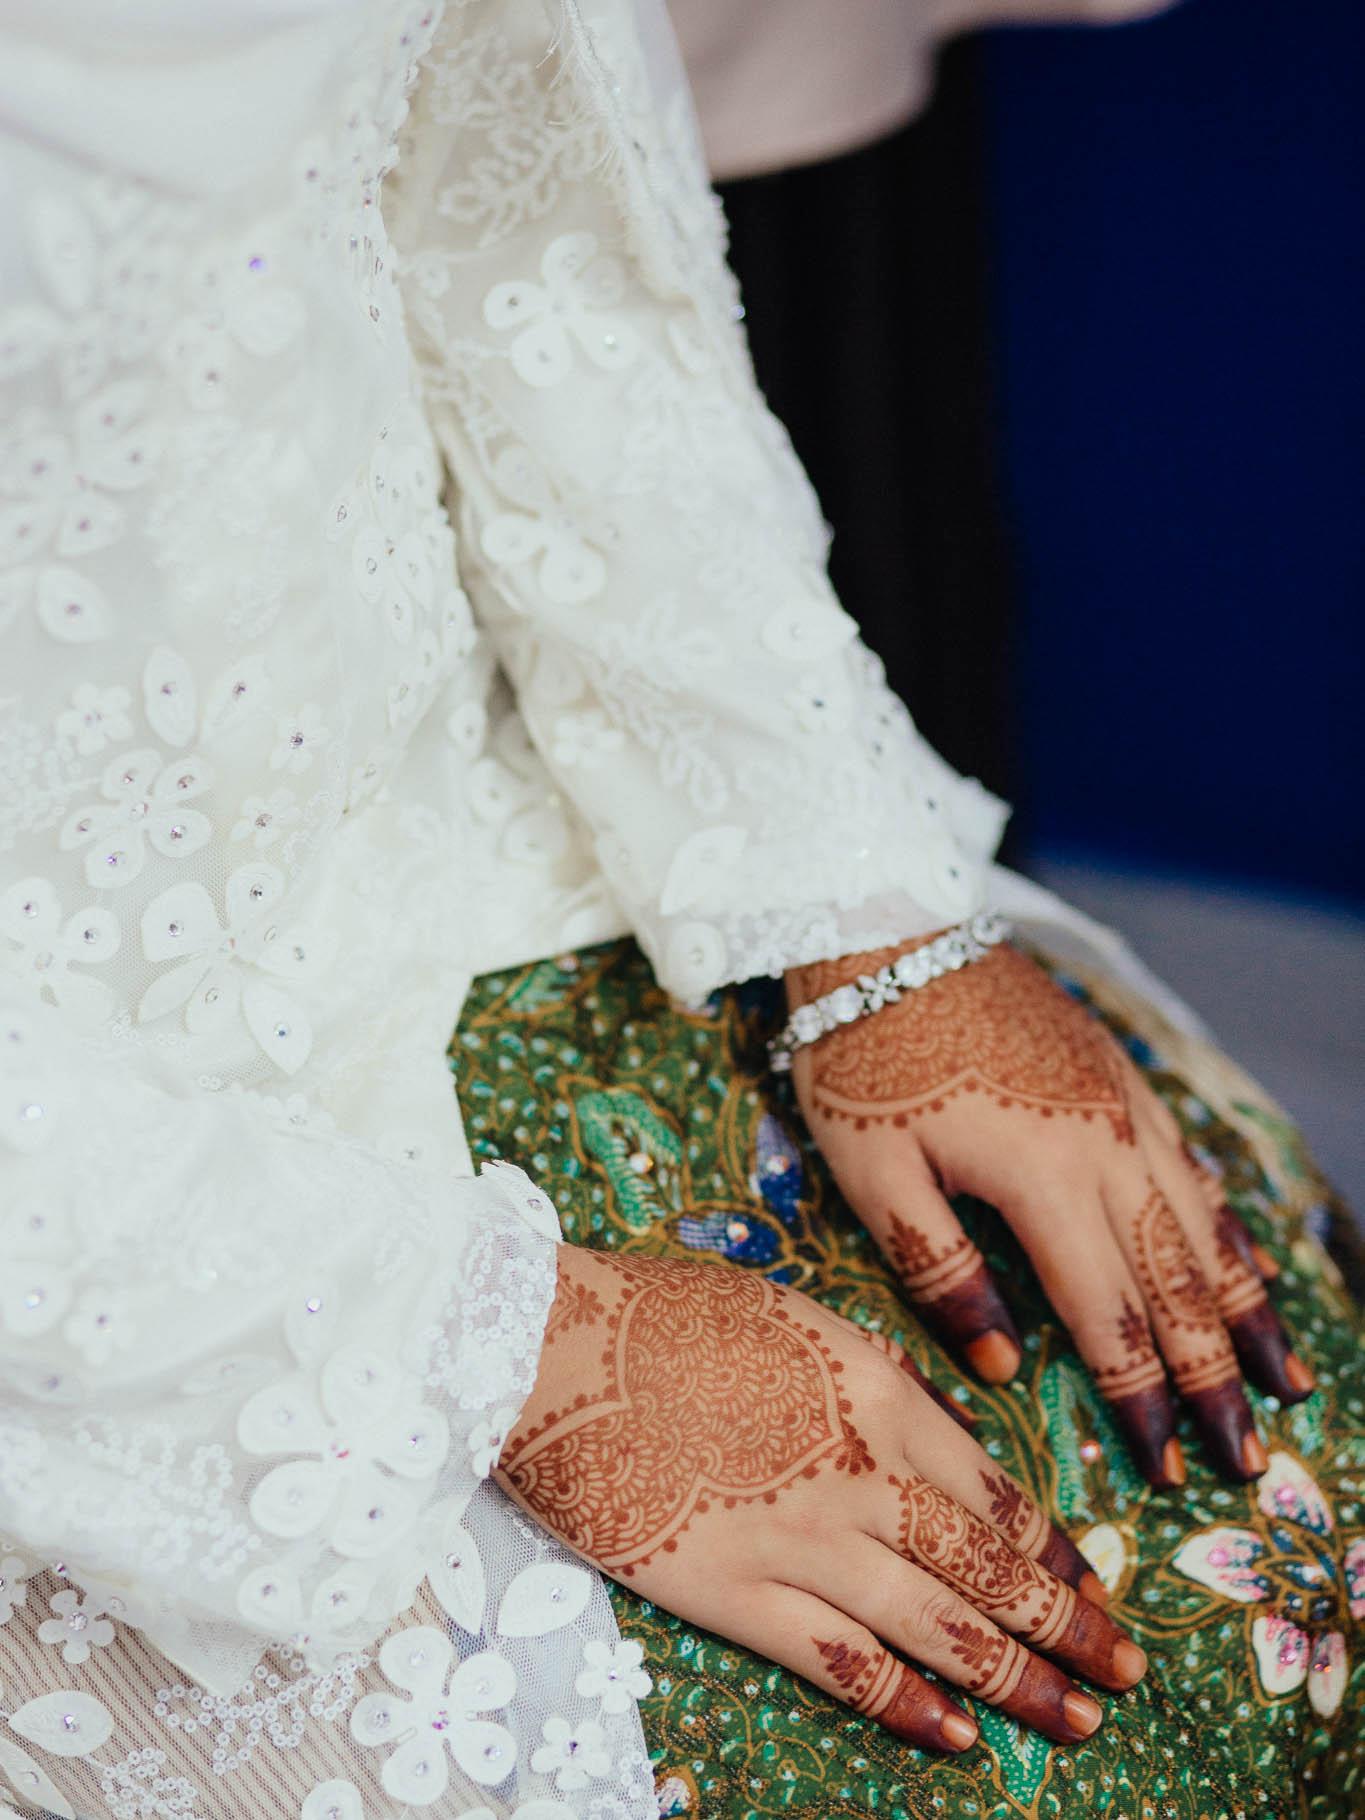 singapore-wedding-photographer-travel-wemadethese-atara-hafizah-03.jpg